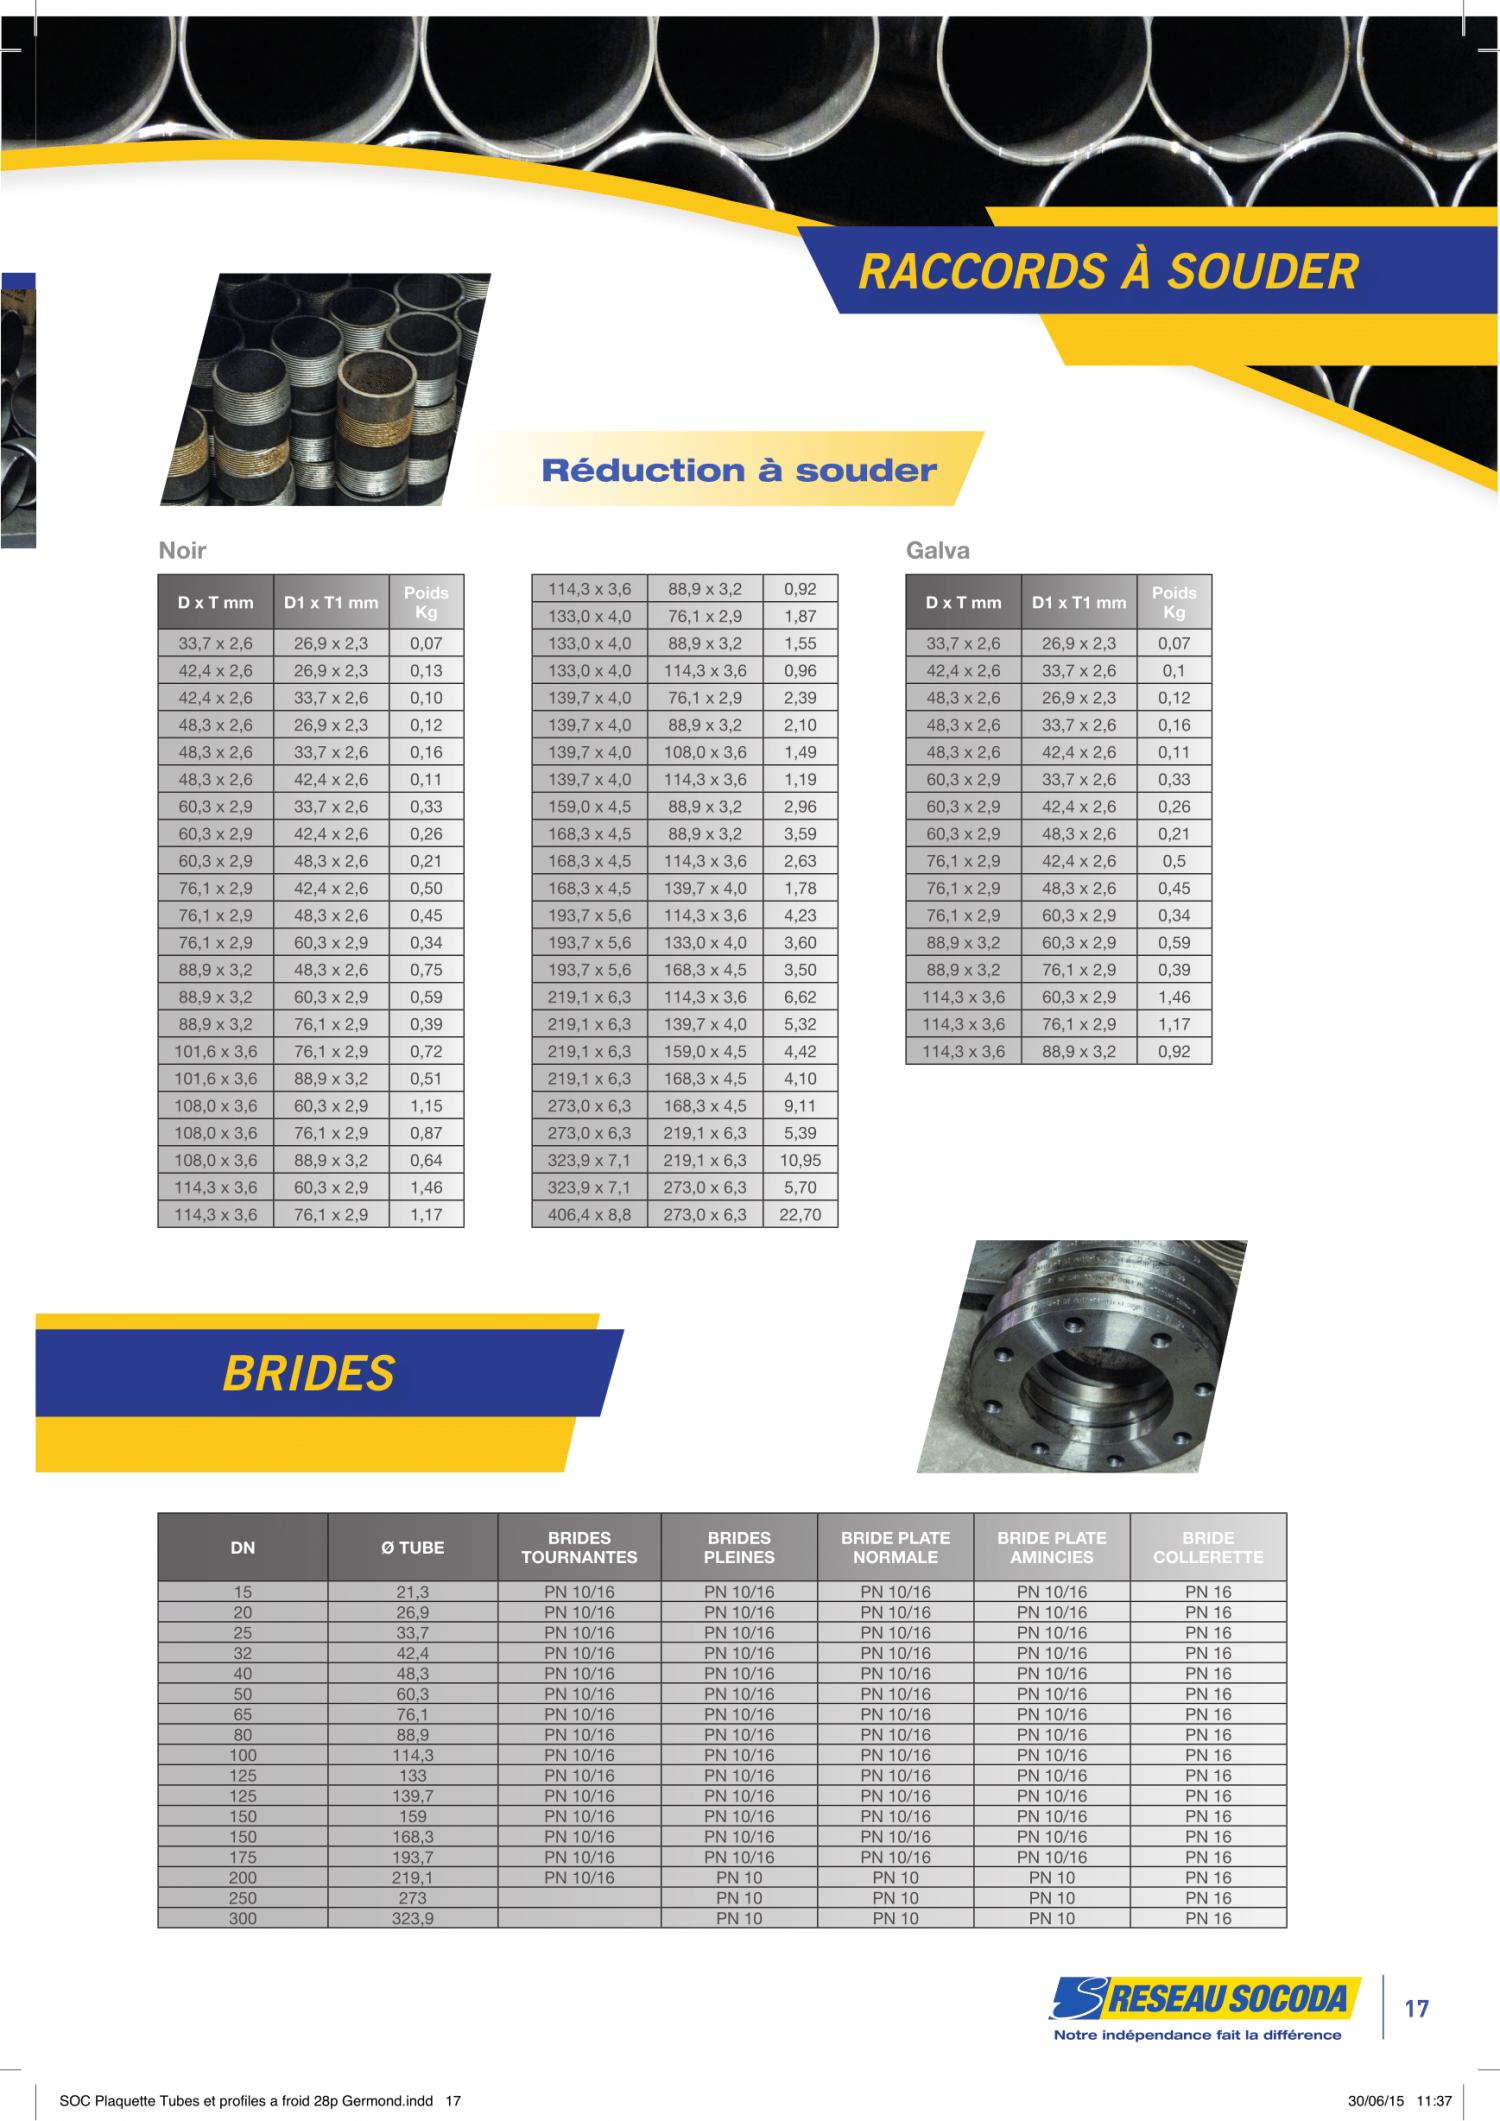 SOC Plaquette Tubes et profiles a froid 28p Germond HD (2)-17